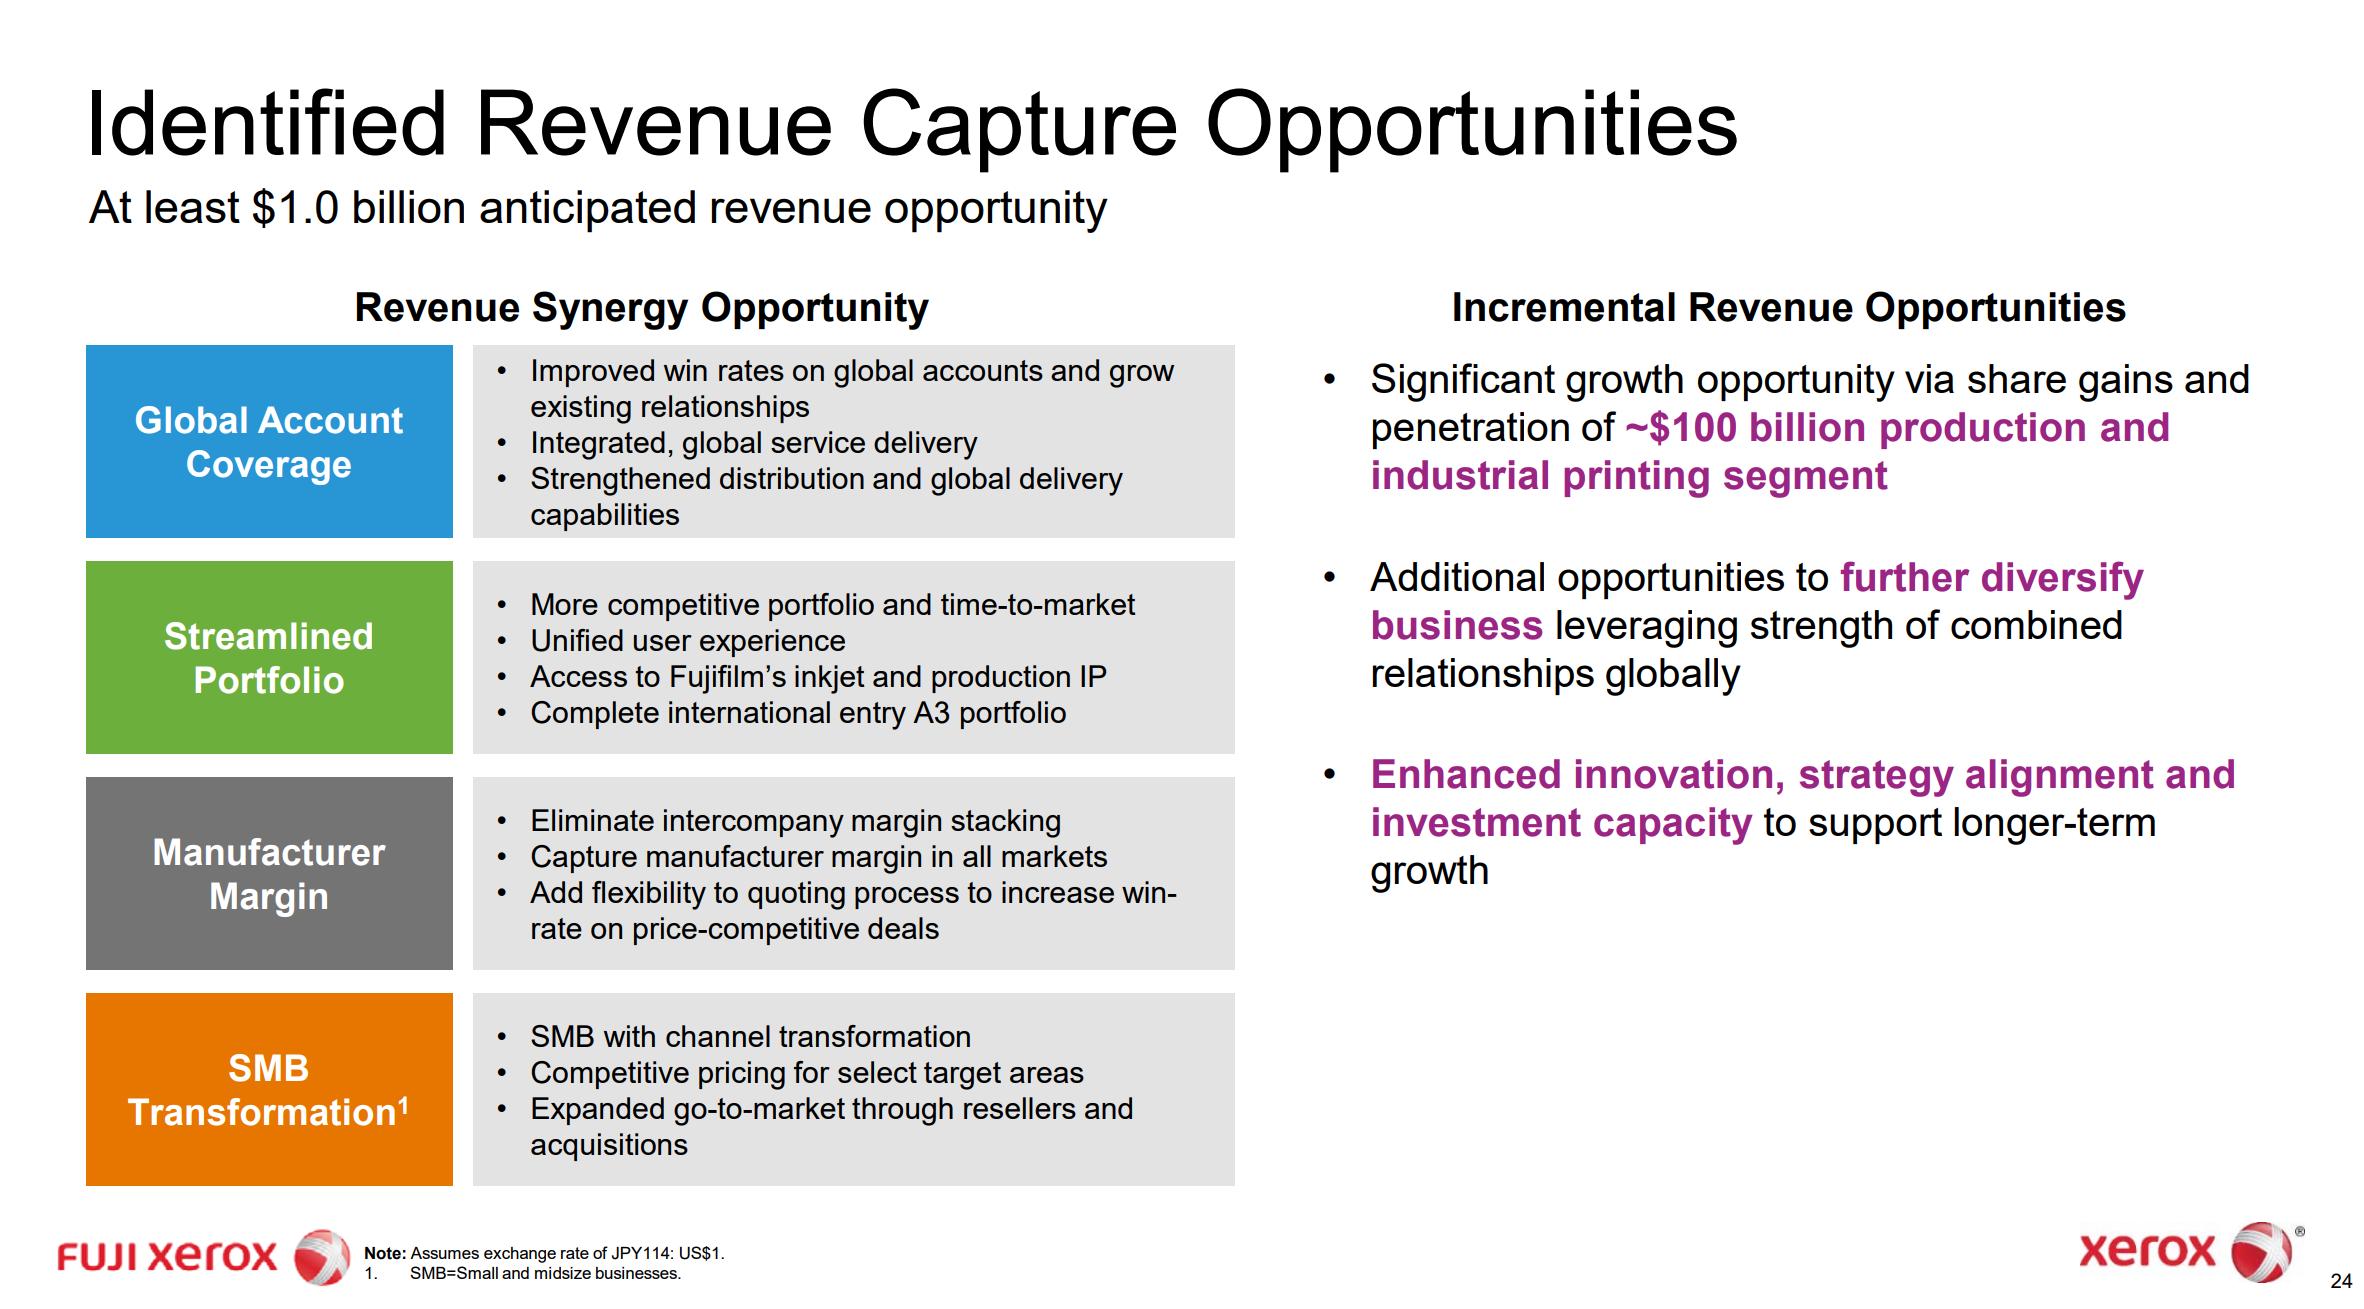 Identified Revenue Capture Opportunities